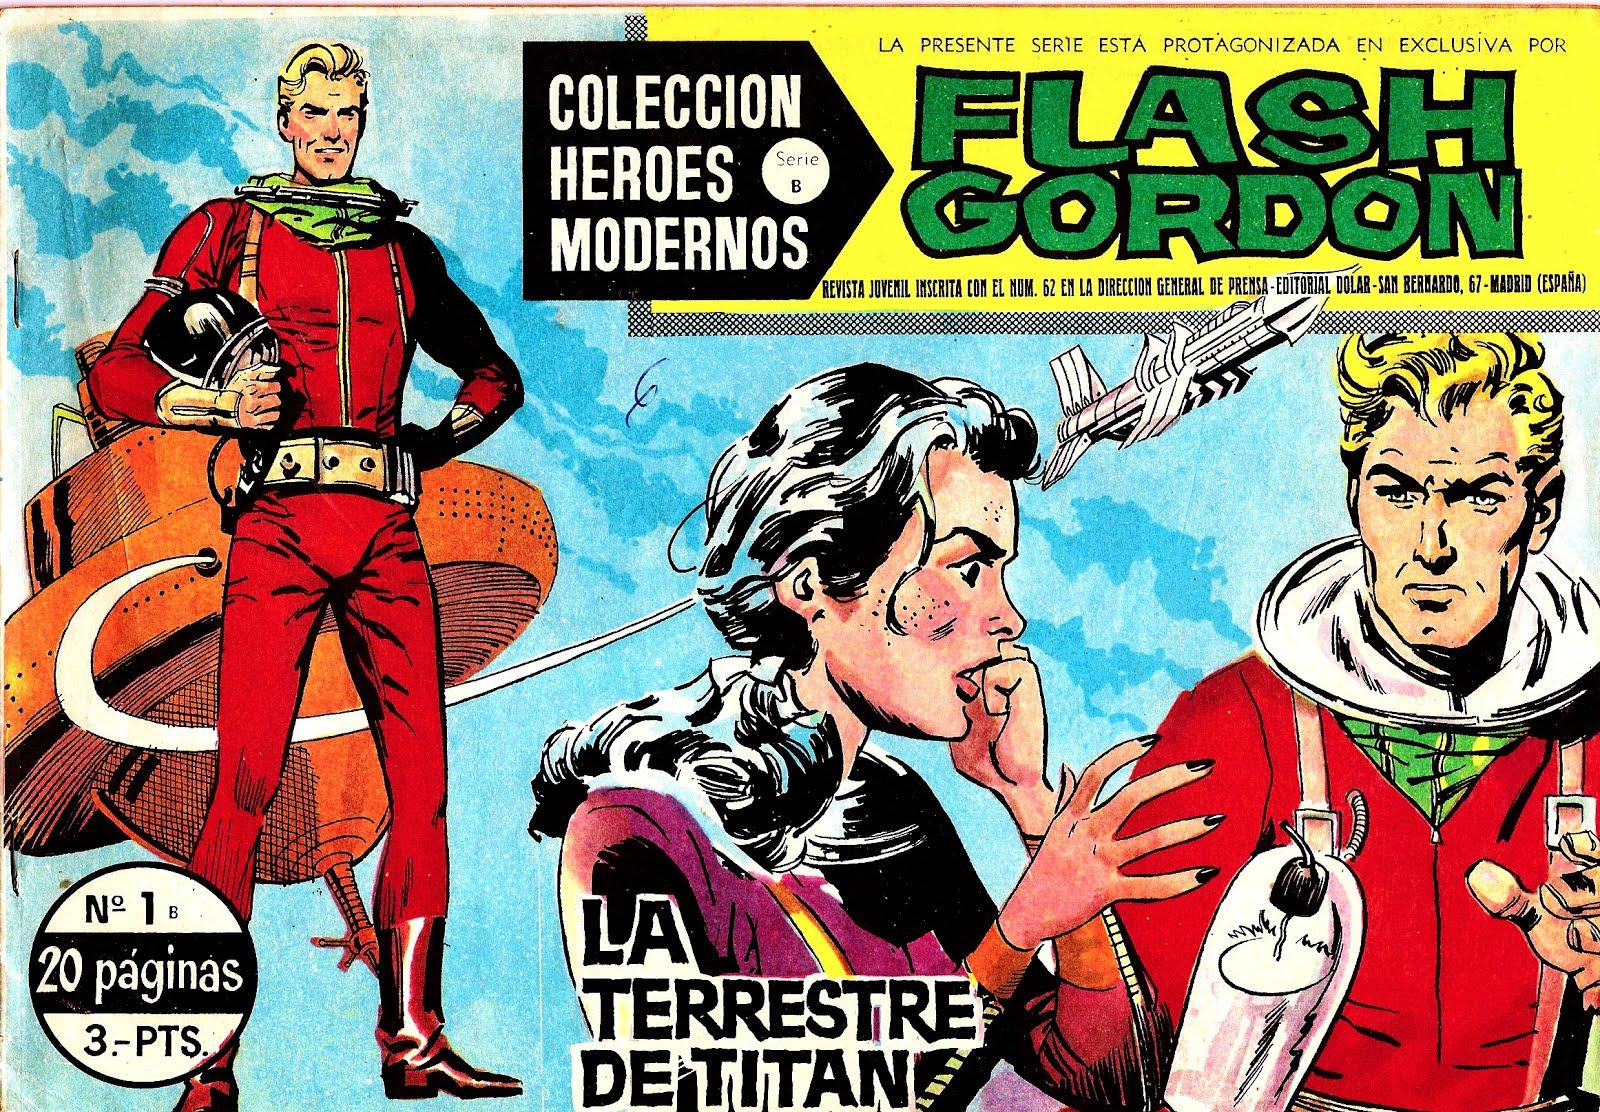 Flash Gordon - Colección Héroes Modernos 1964